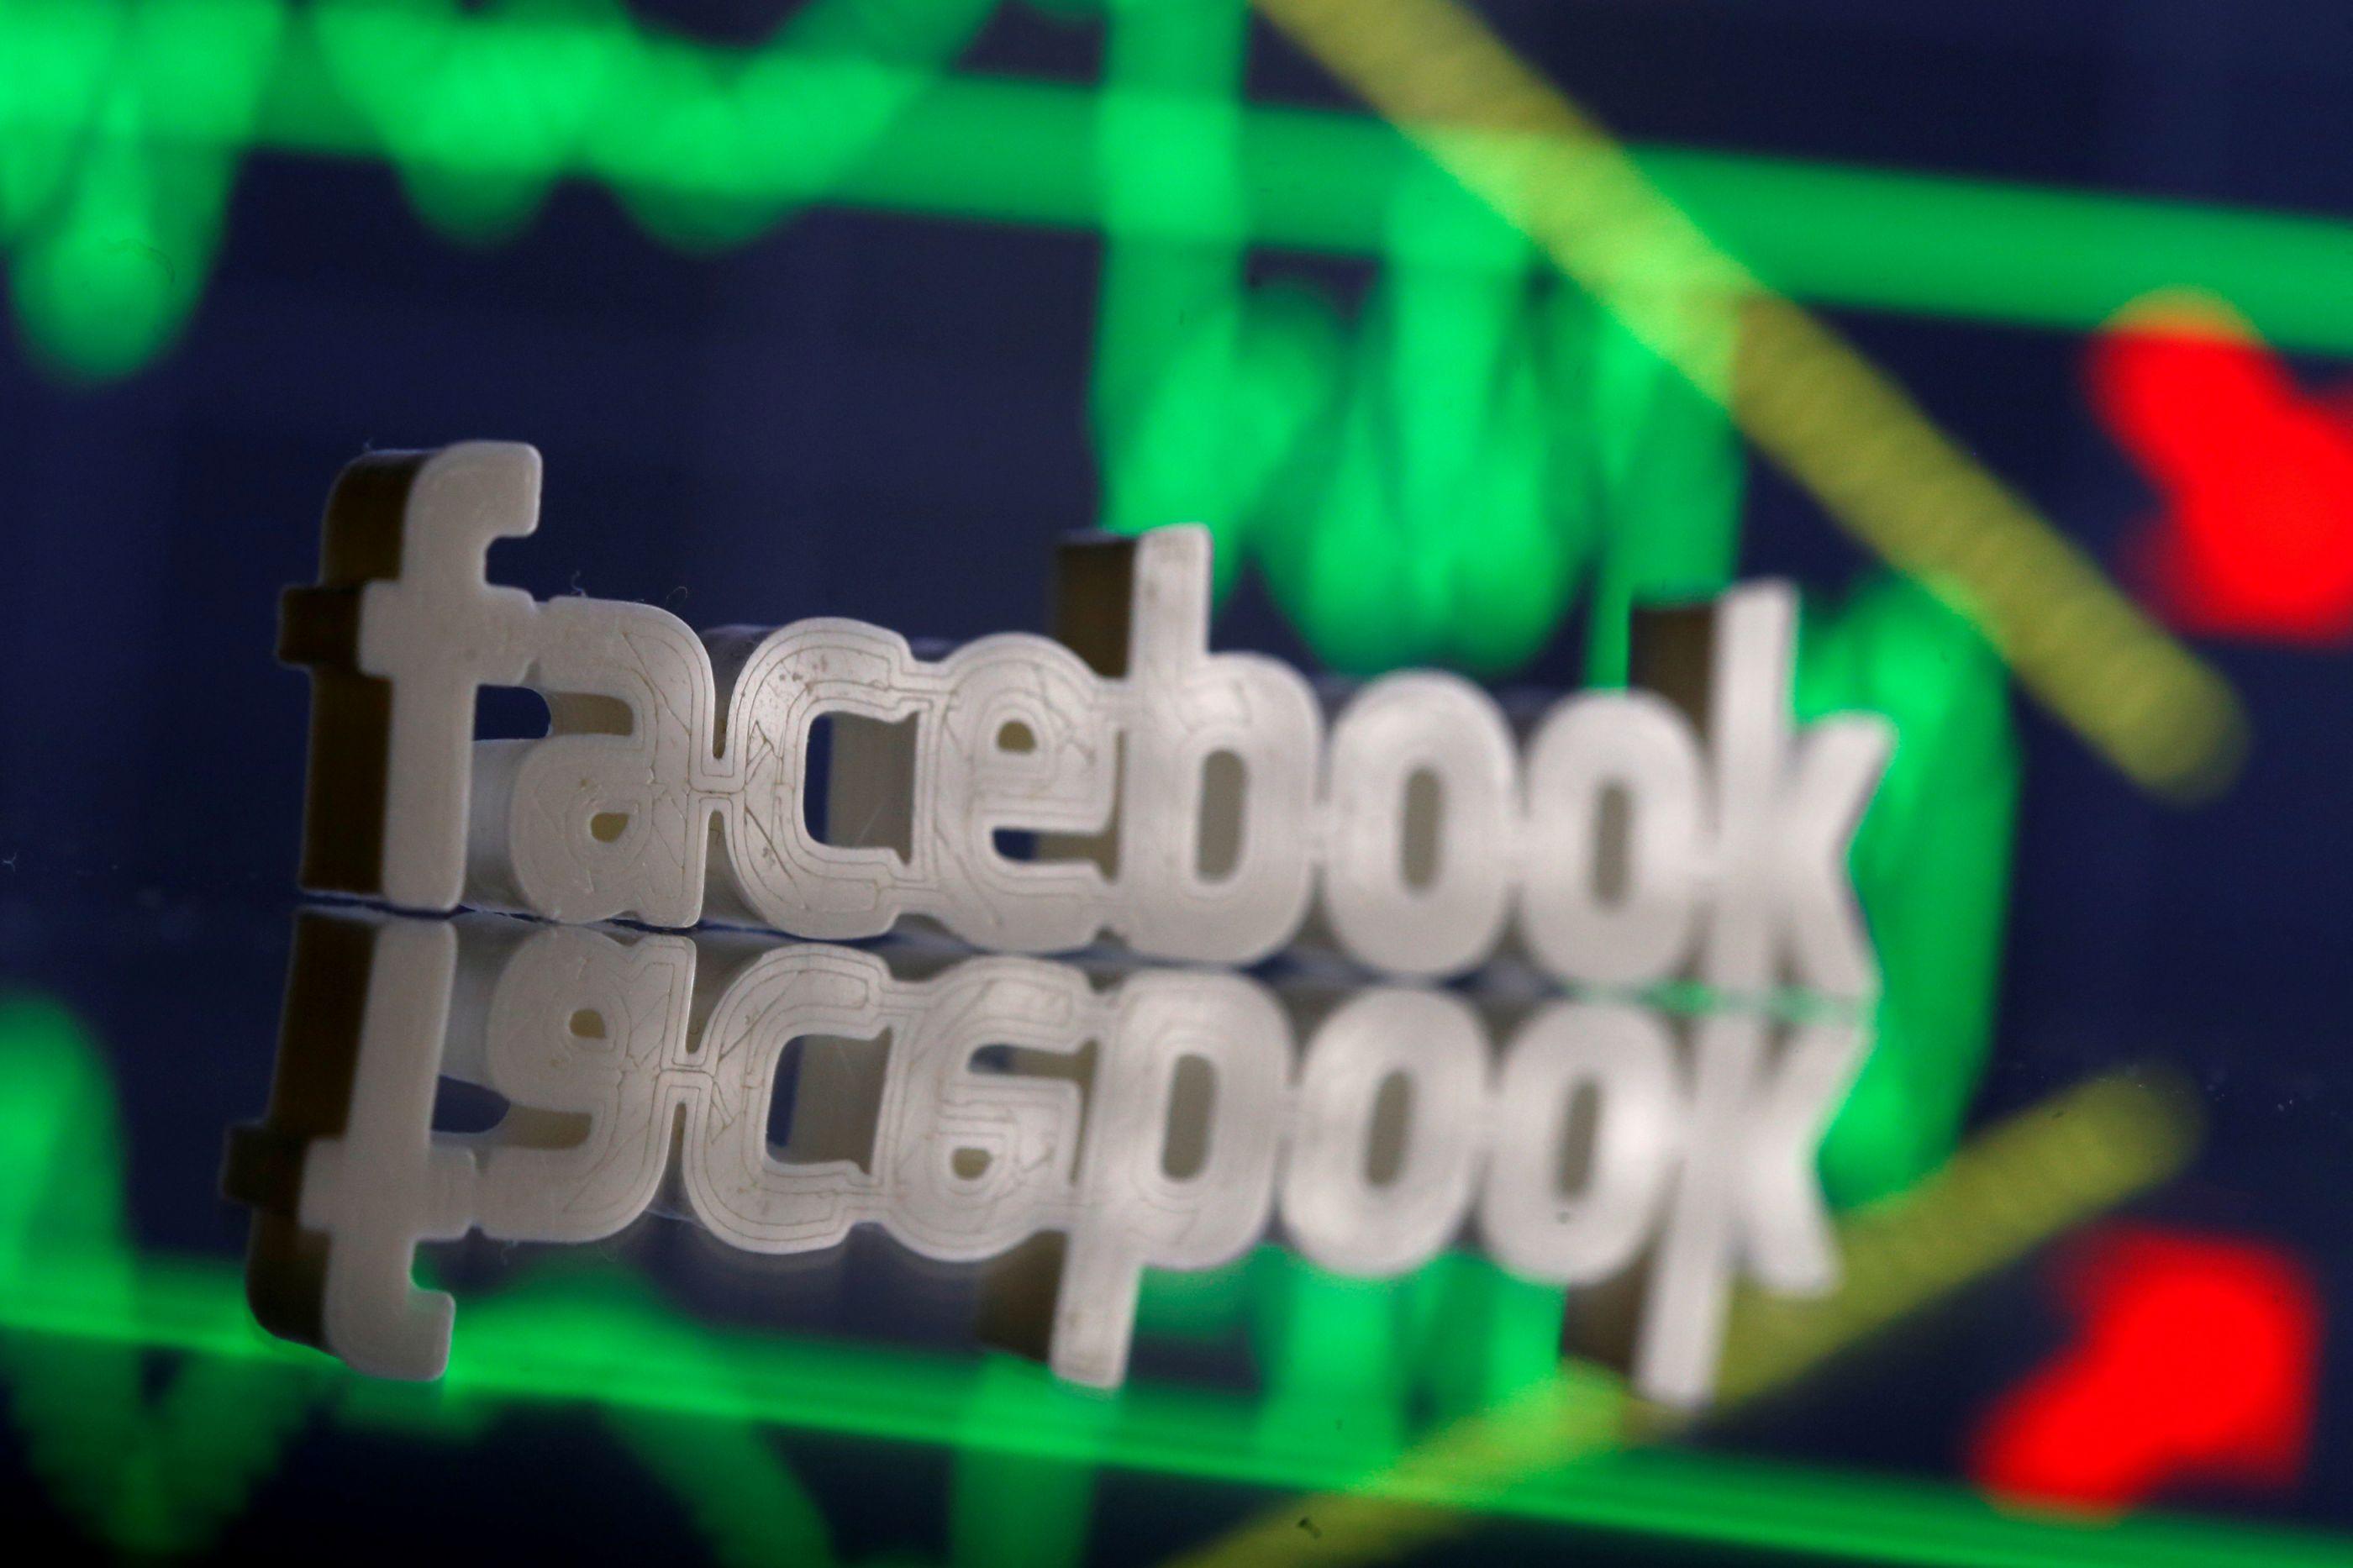 O Facebook foi atacado. Eis como saber se a sua conta foi afetada